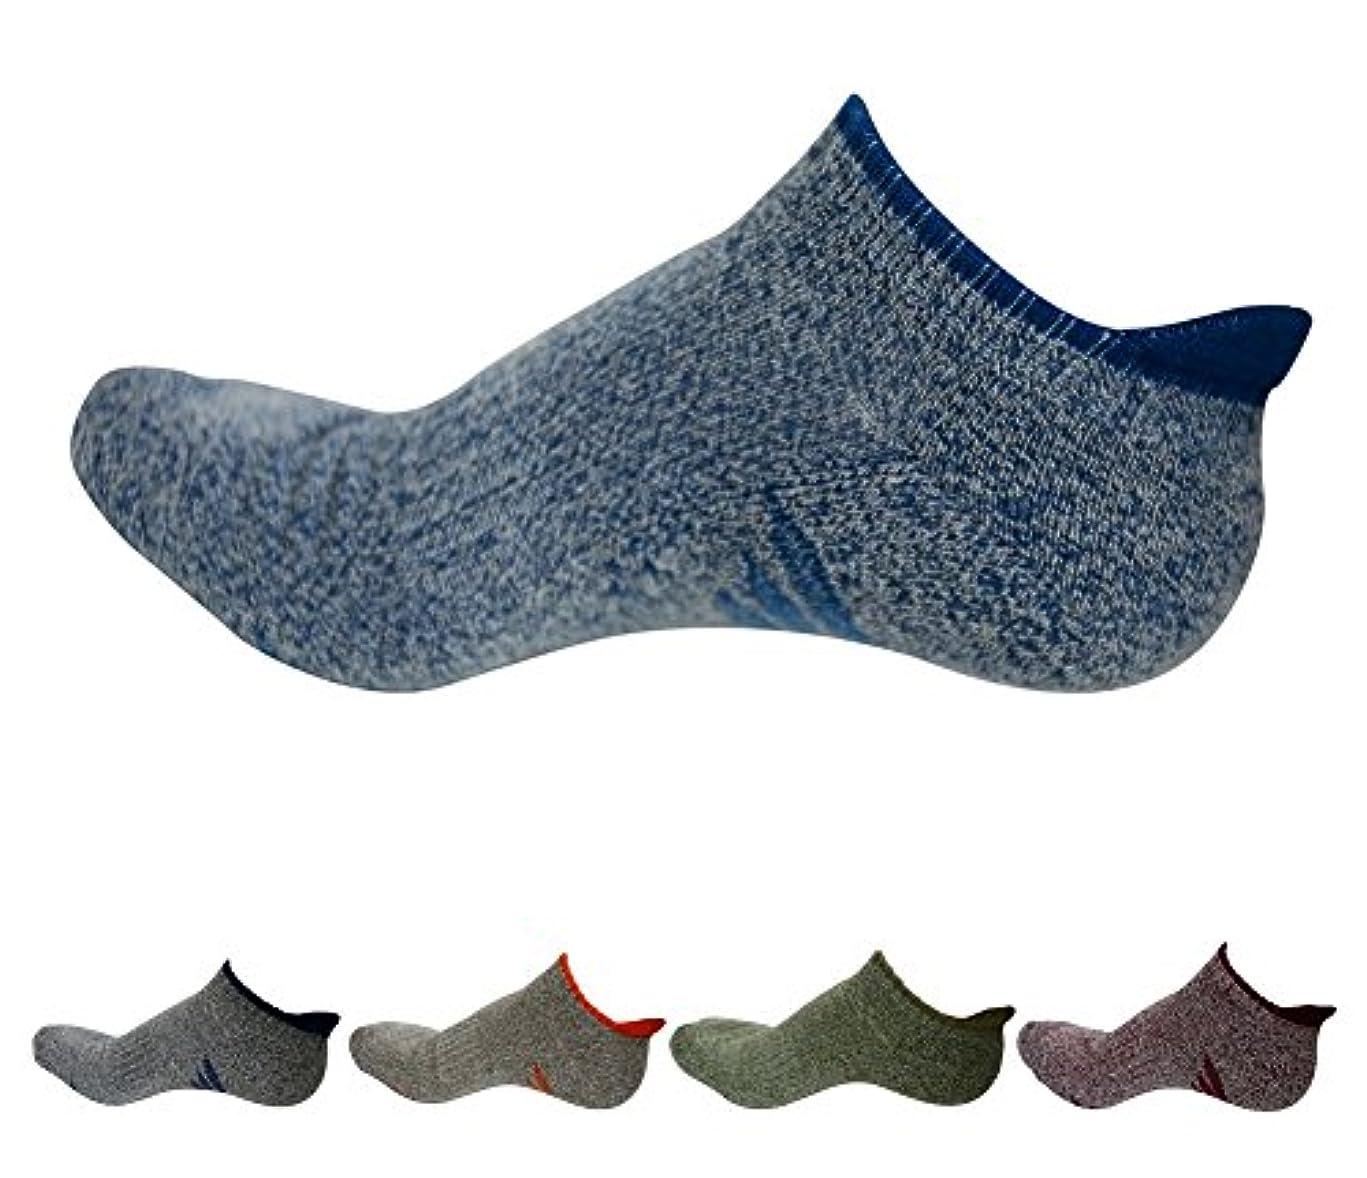 占める分泌する一族Schlegel 靴下 ソックス メンズ ショート くるぶし丈 登山 アウトドア スポーツ トレッキング 速乾性 抗菌 防臭 5足セット (#2 くるぶし)